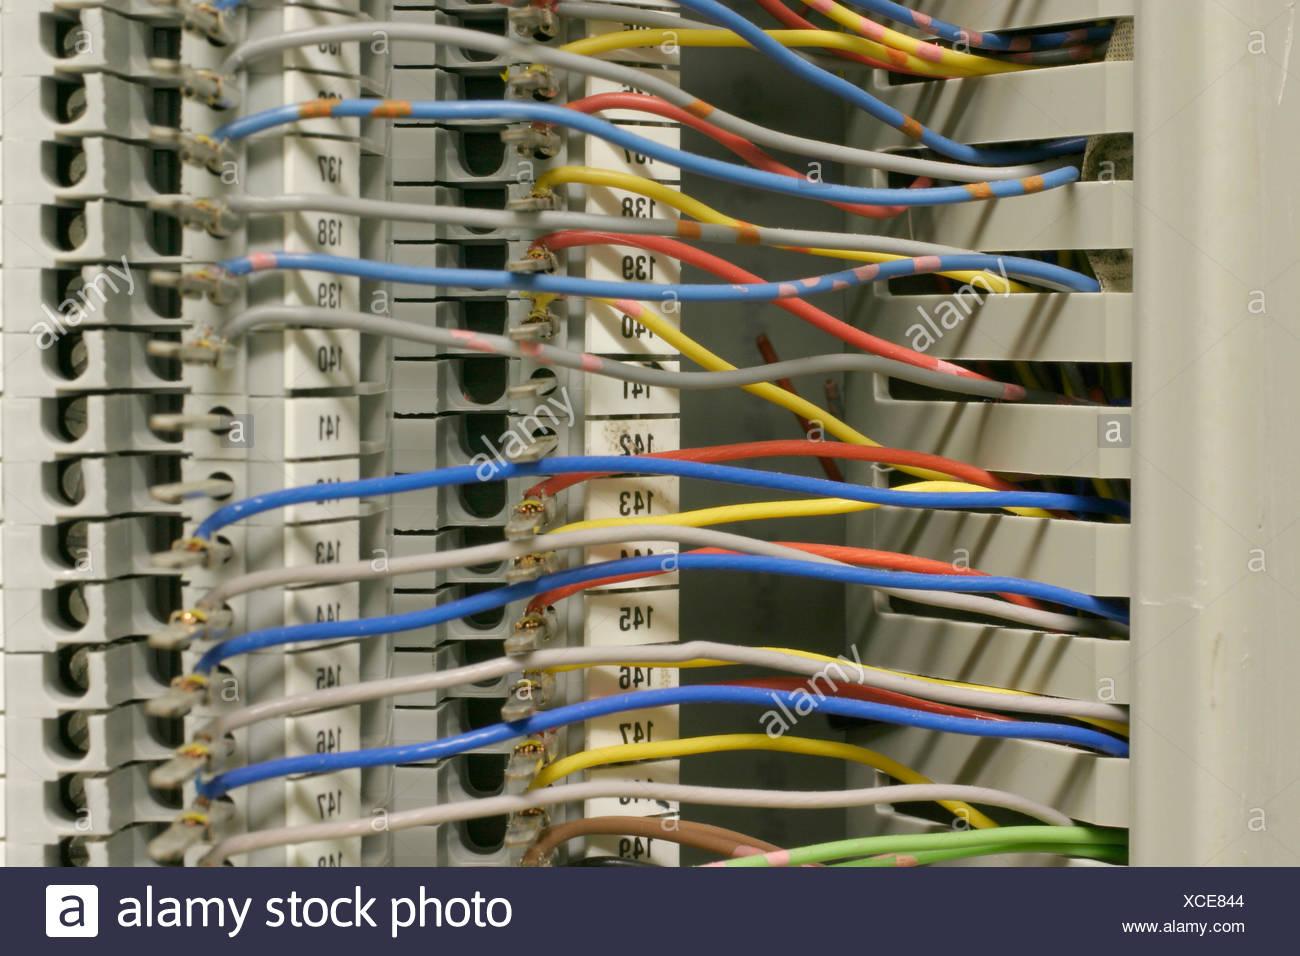 Chaos Cable Stockfotos & Chaos Cable Bilder - Seite 3 - Alamy